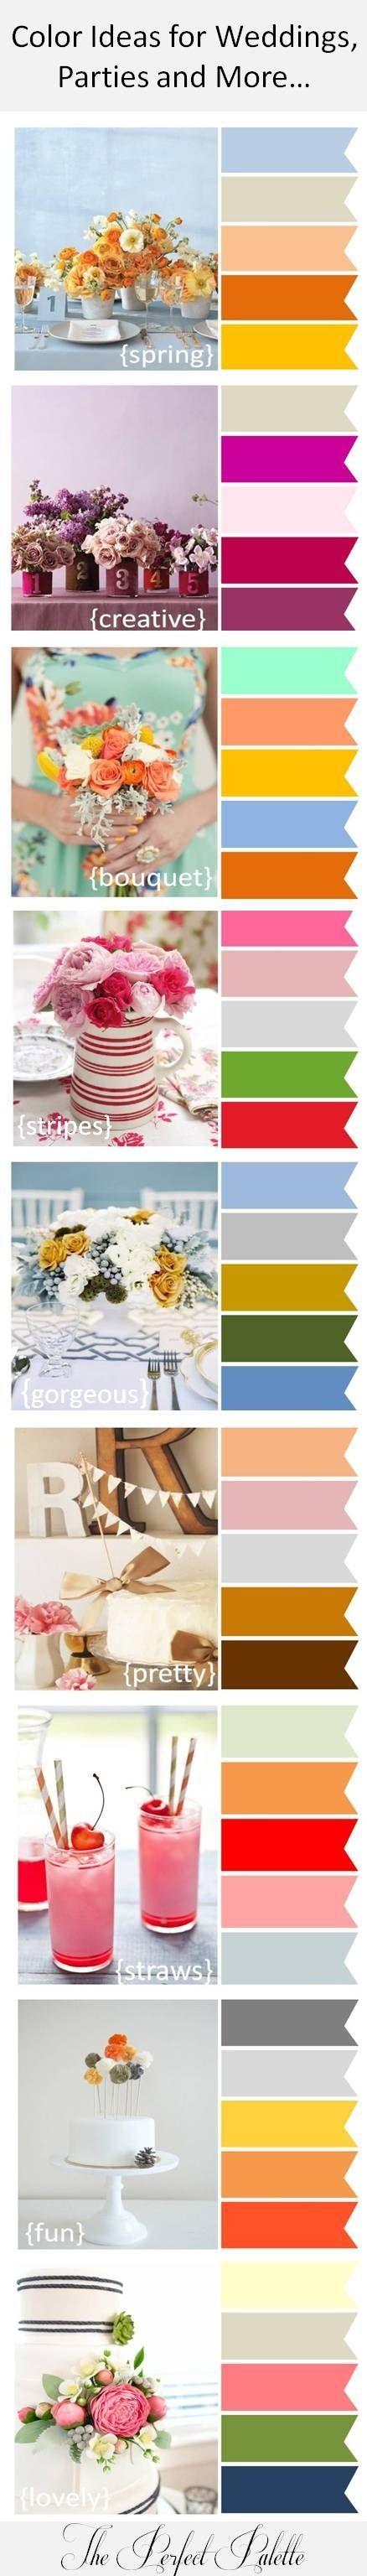 Paletas de color para bodas, fiestas